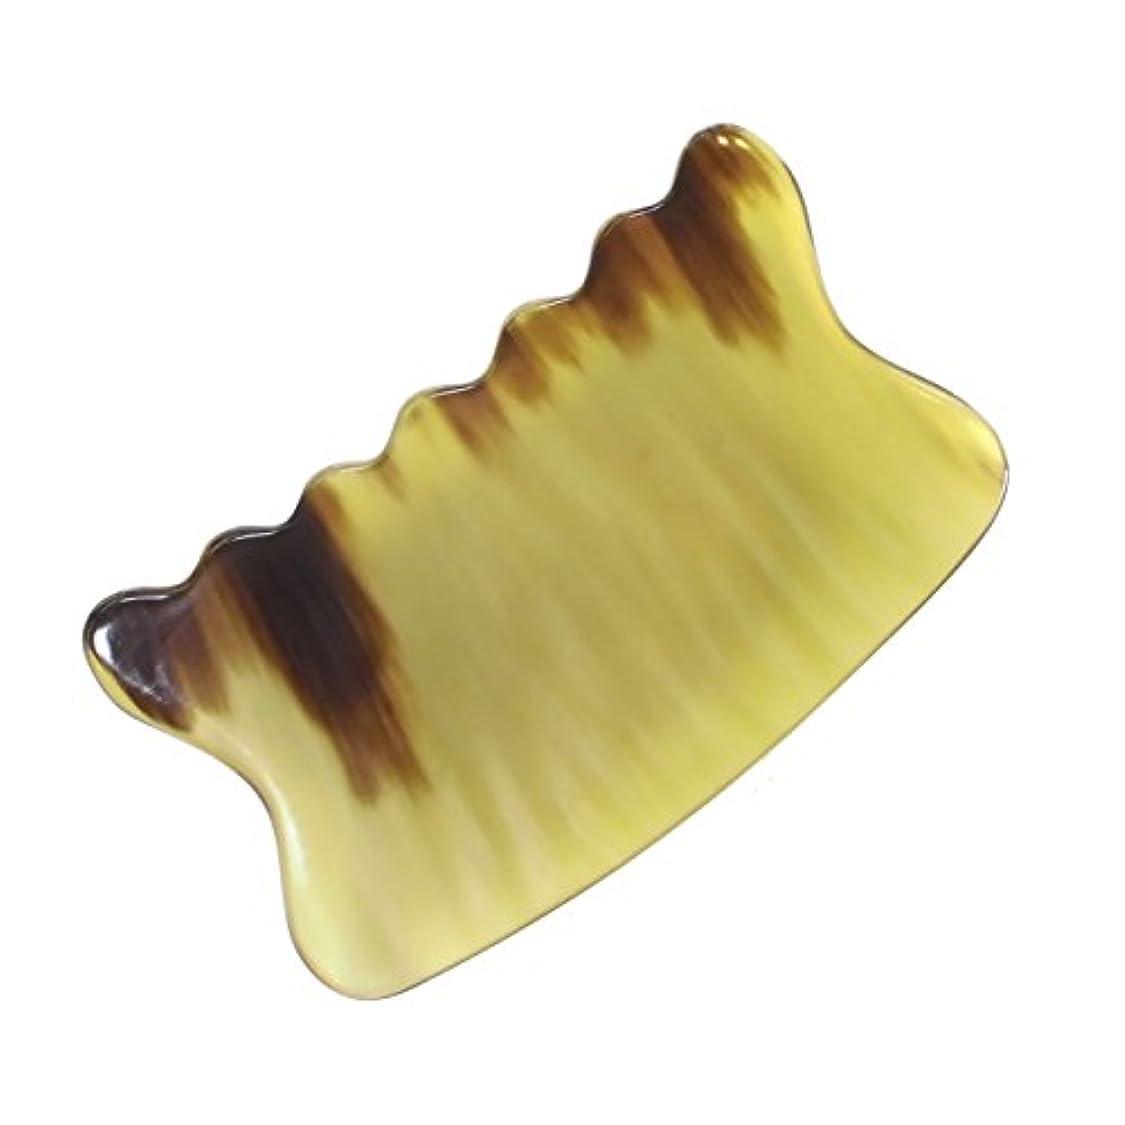 ナインへ舗装ハンドブックかっさ プレート 希少69 黄水牛角 極美品 曲波型